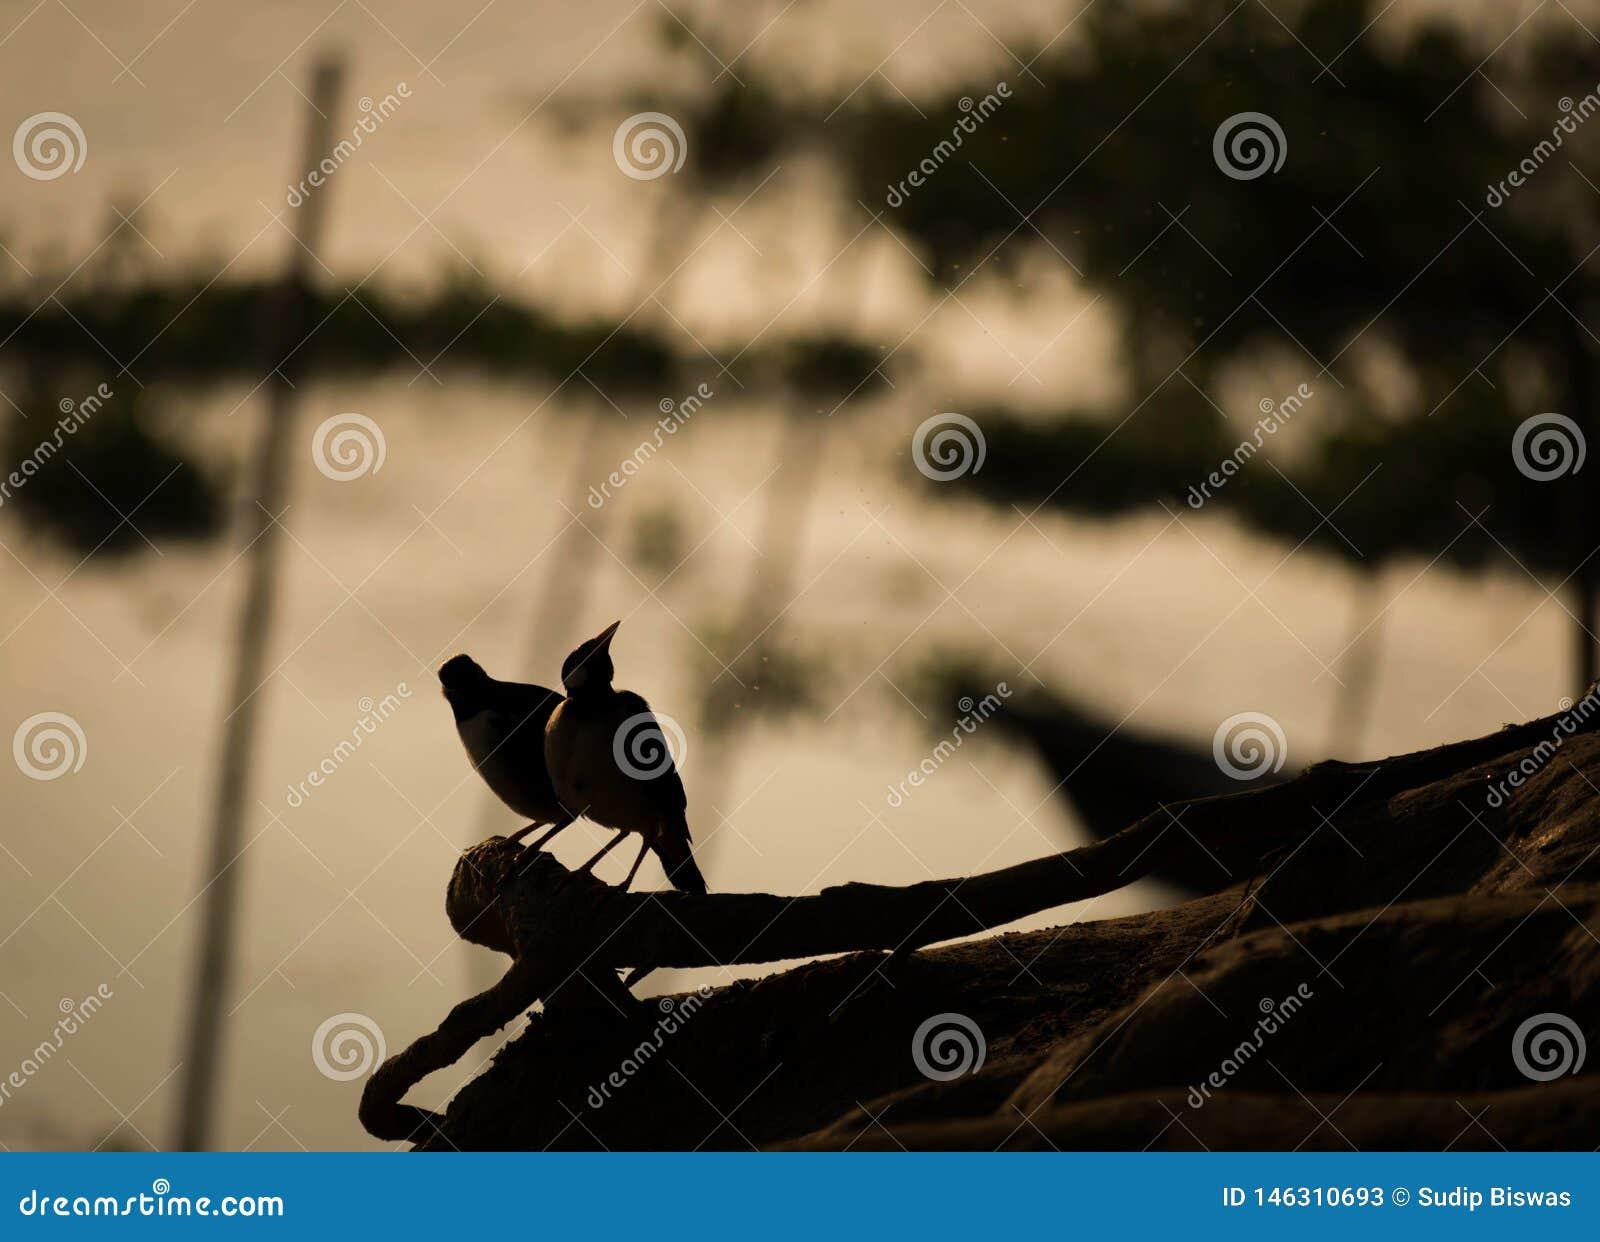 Schattenbildbilder von V?geln